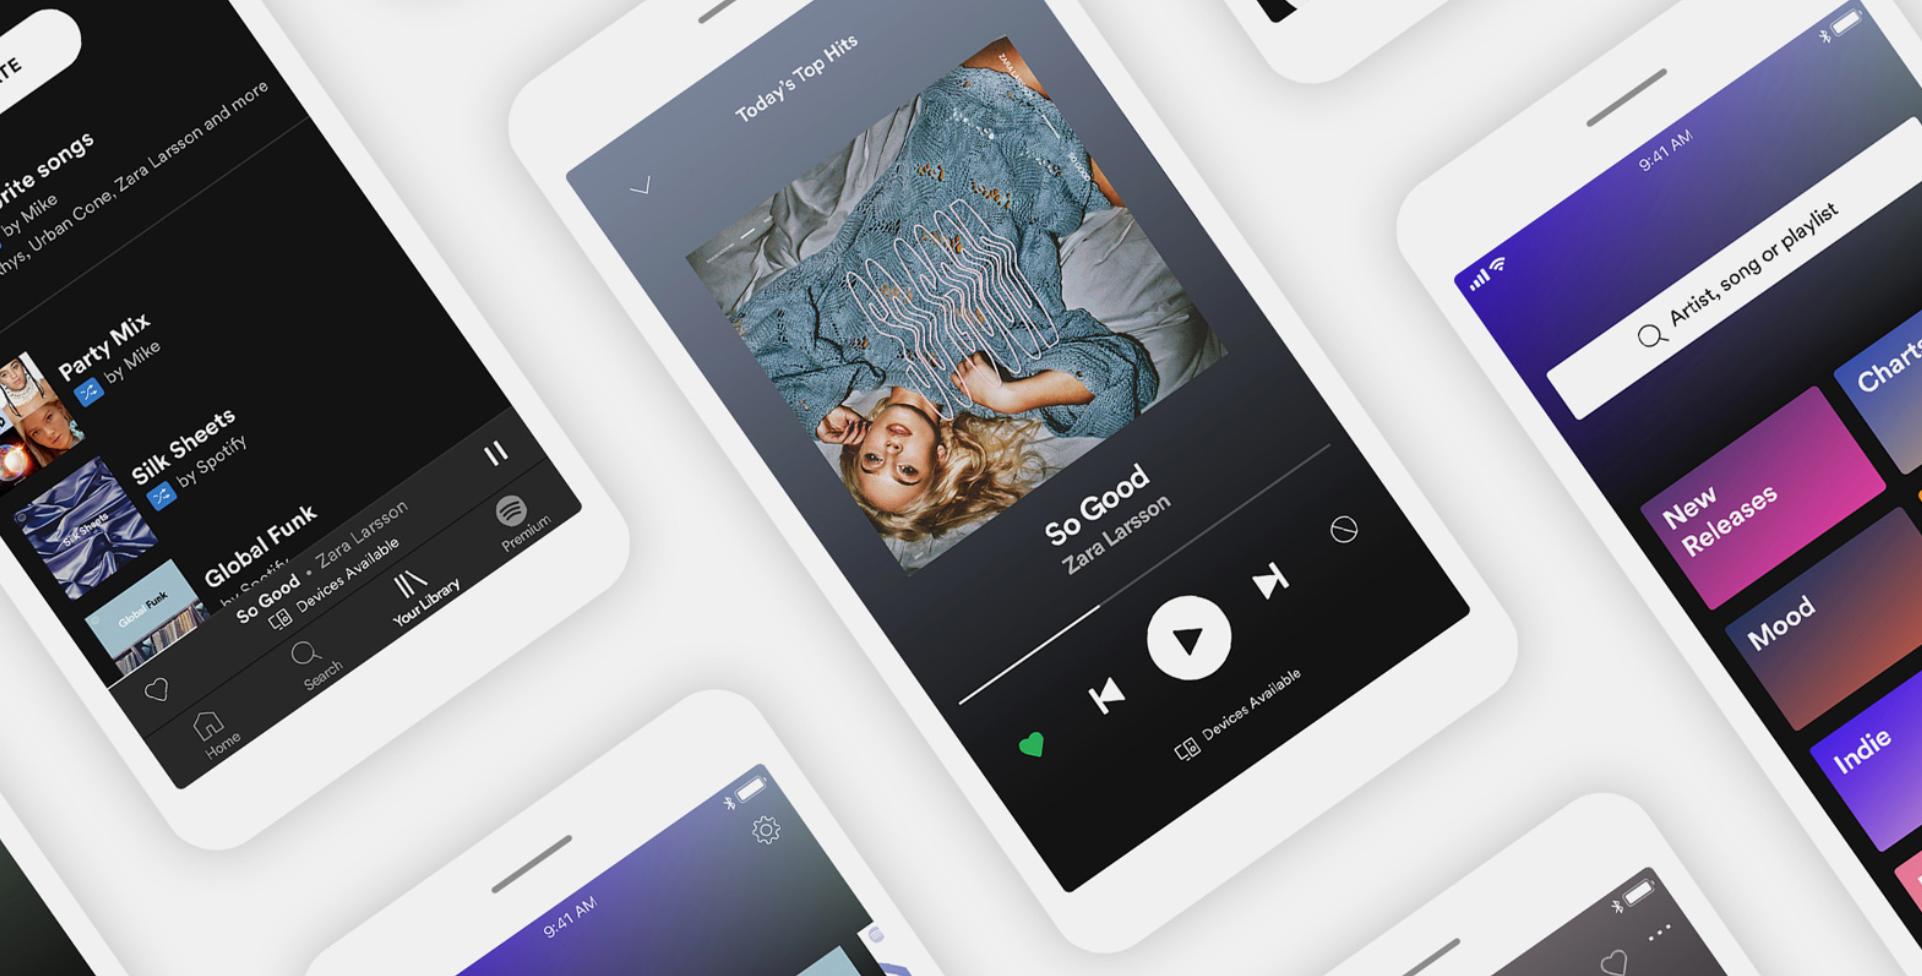 Spotify avaa ovet kaikelle musiikille – Lataa ilmaiseksi sisältöä Spotifyhin - AfterDawn